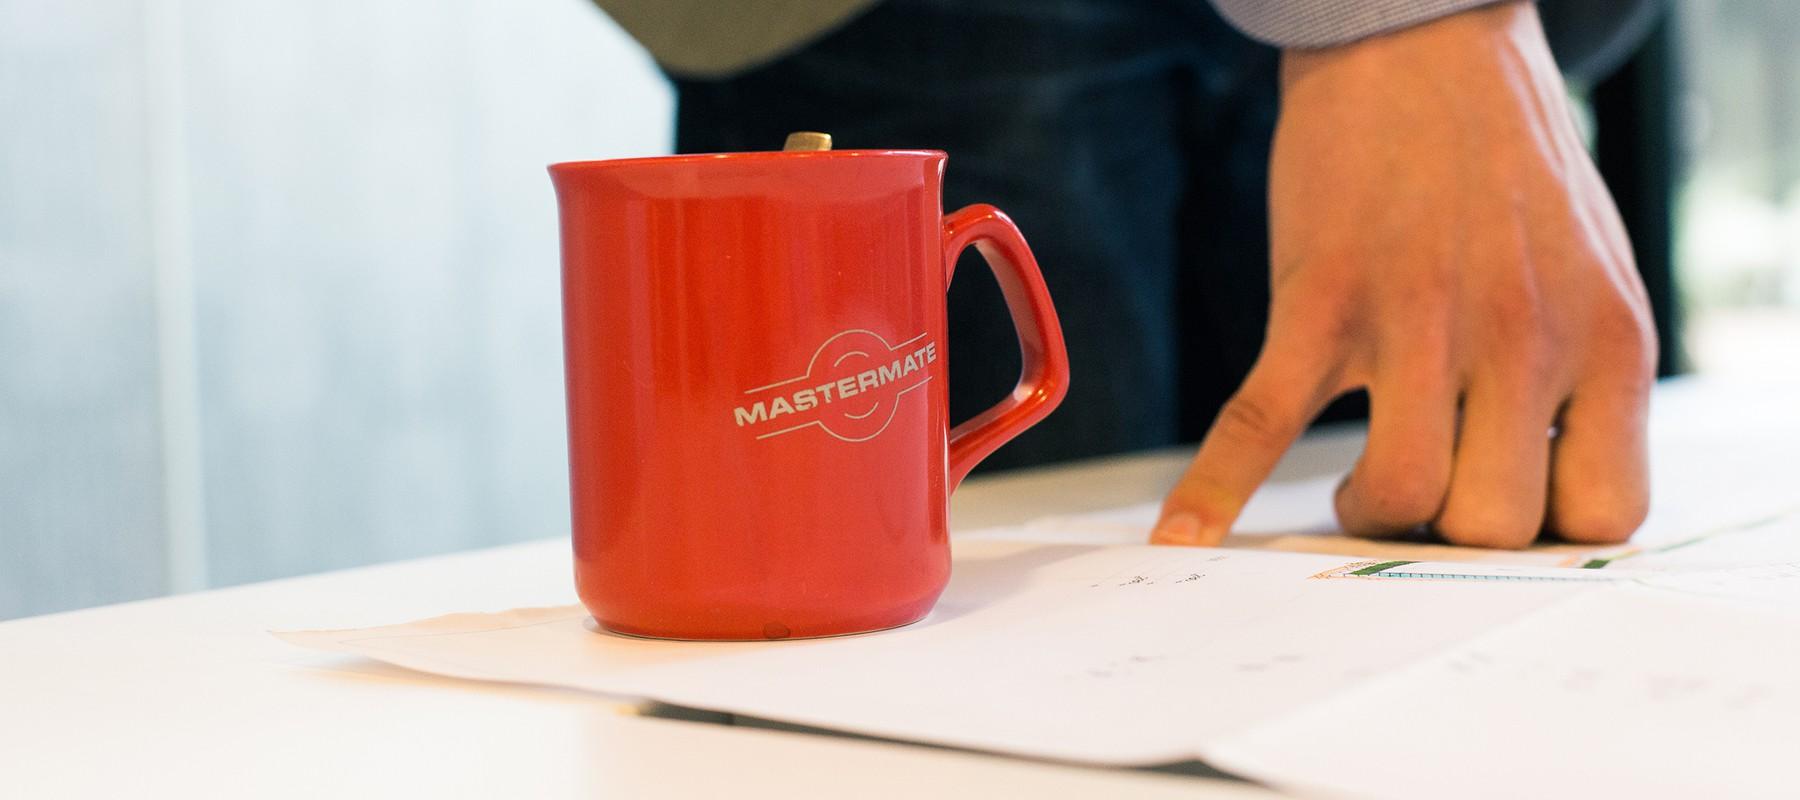 Wat minder projecten? 5 tips voor meer grip op je bedrijf